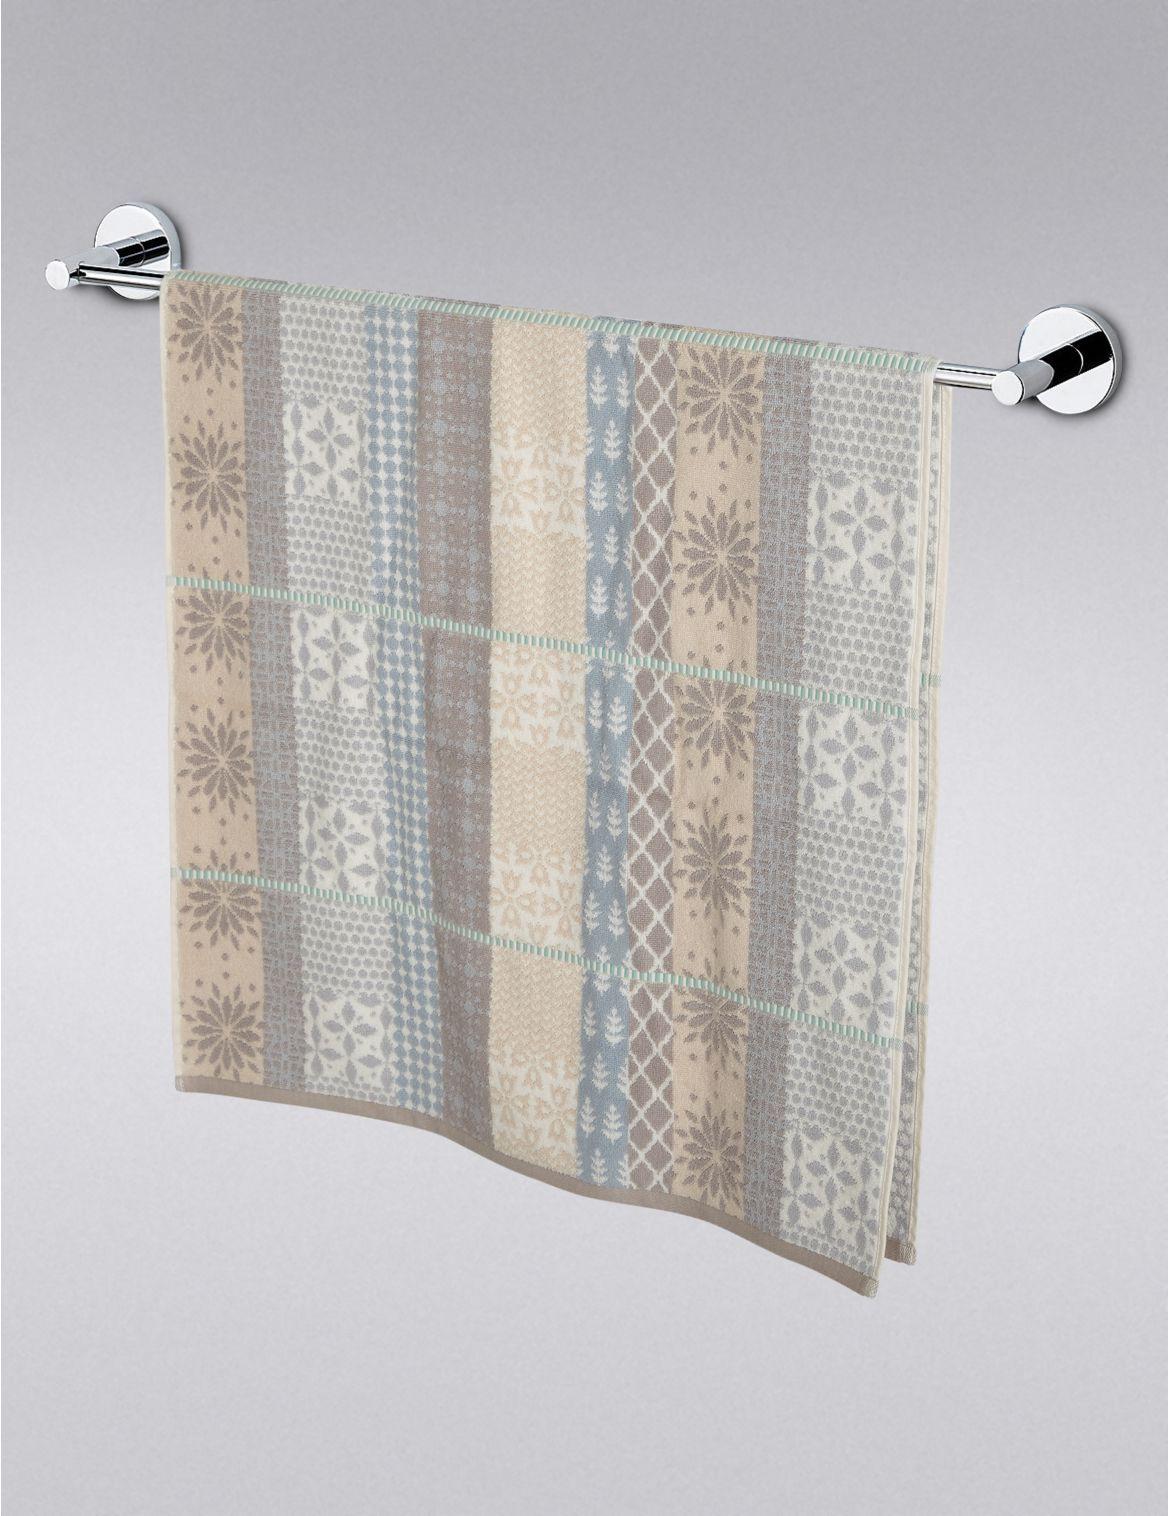 Marks and Spencer - Serviette à motifs décoratifs variés